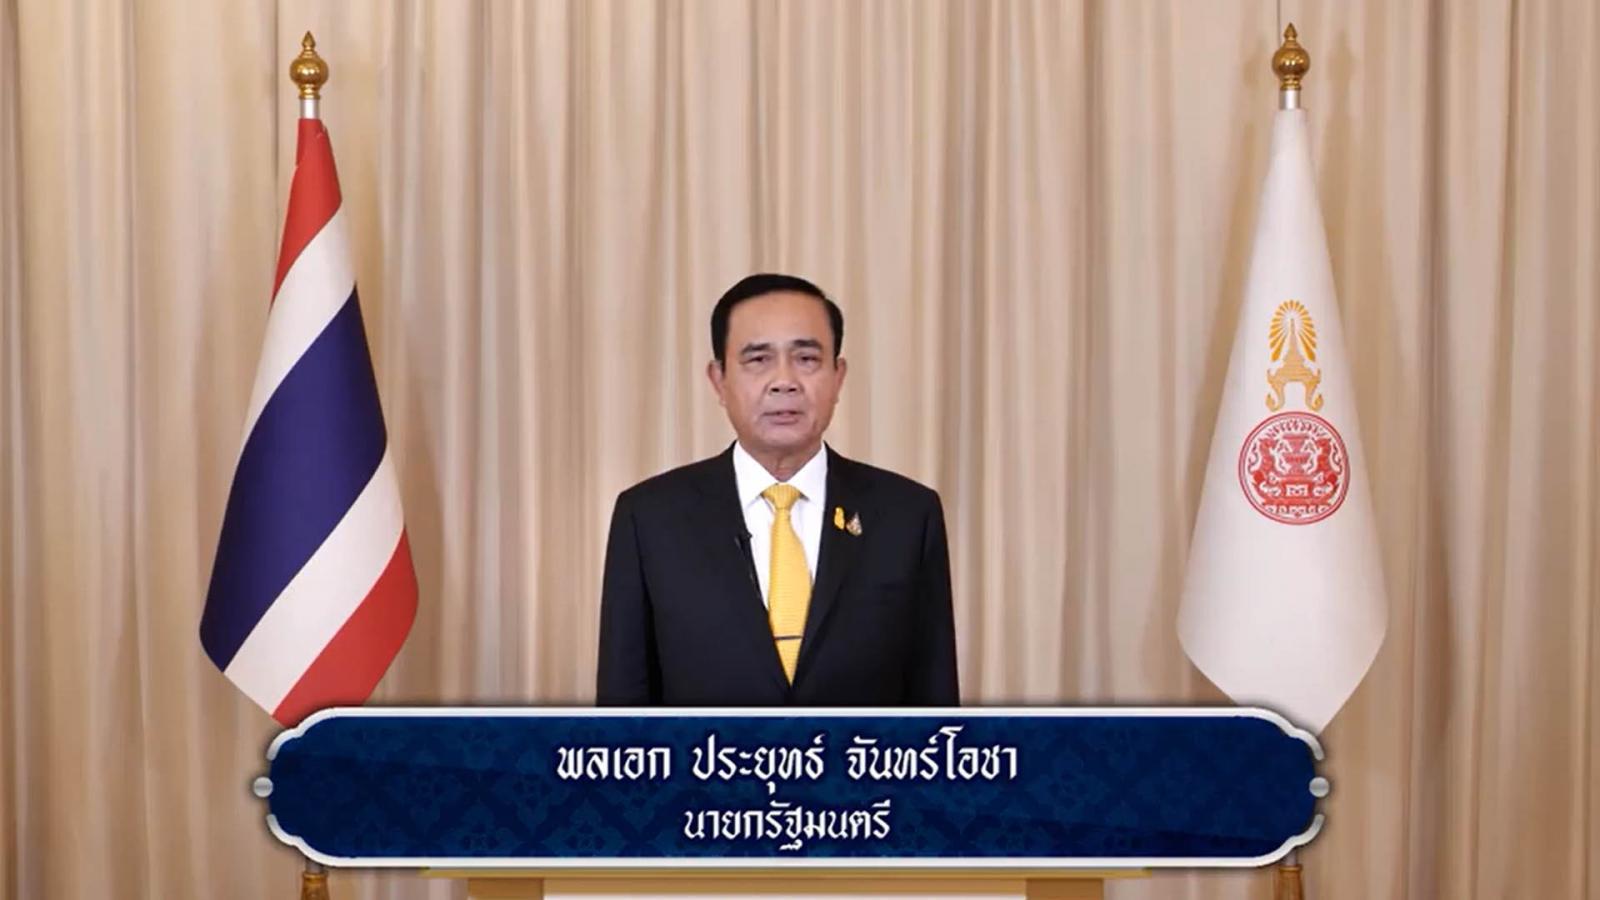 นายกฯอวยพรปีใหม่ 2563 ขอคนไทย มีพลังก้าวสู่ศักราชใหม่ด้วยความสุข สดชื่น สมหวัง